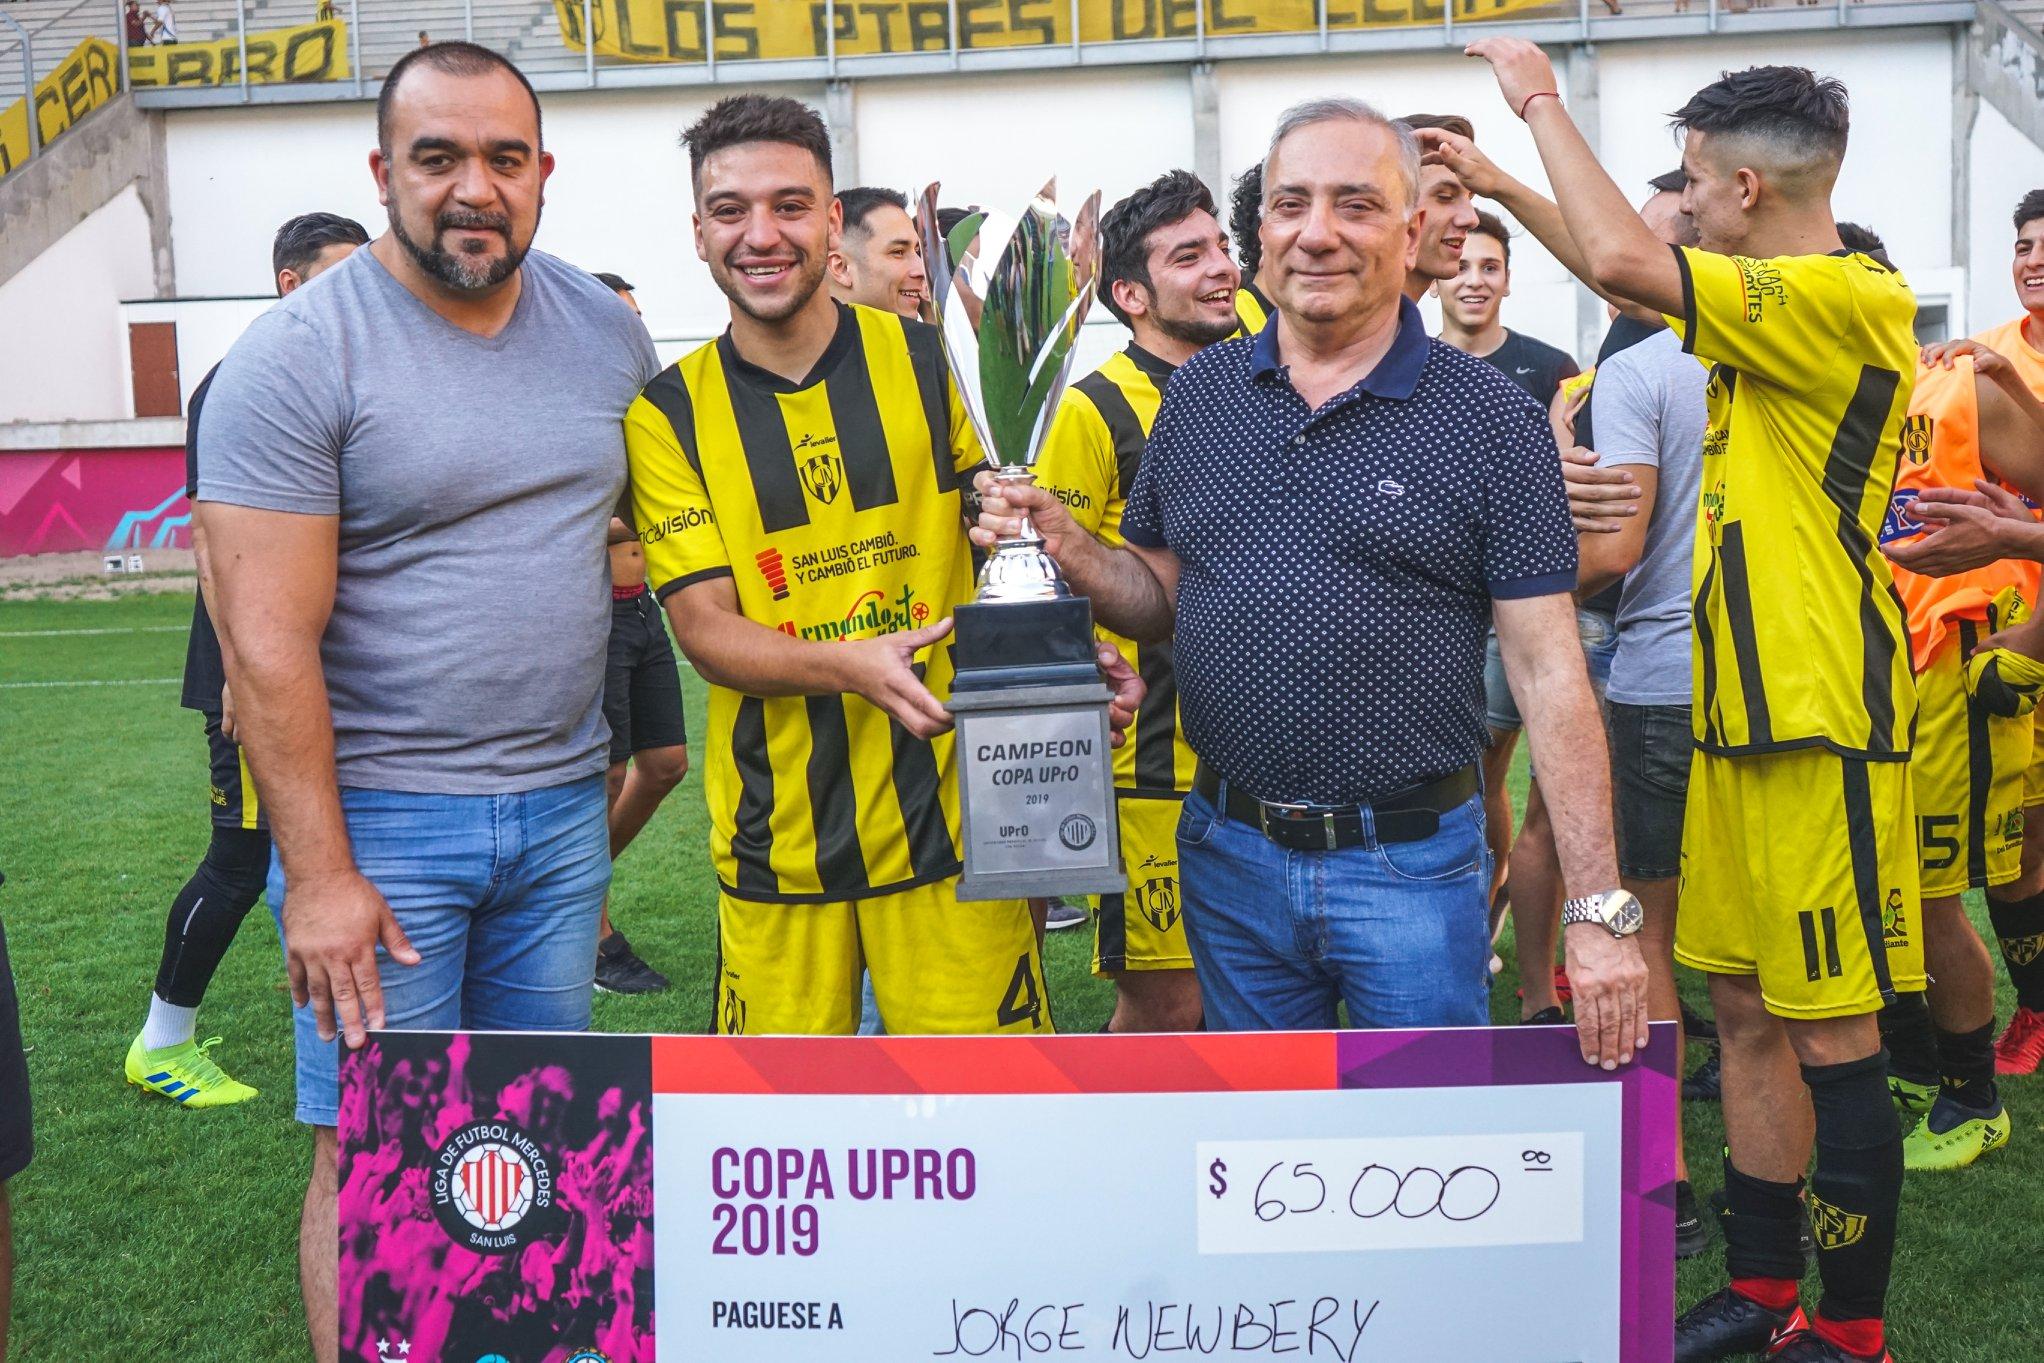 """""""La Pedrera"""" juntó dos pasiones: el fútbol, con la final de la """"Copa UPrO"""" y el automovilismo, con las picadas"""